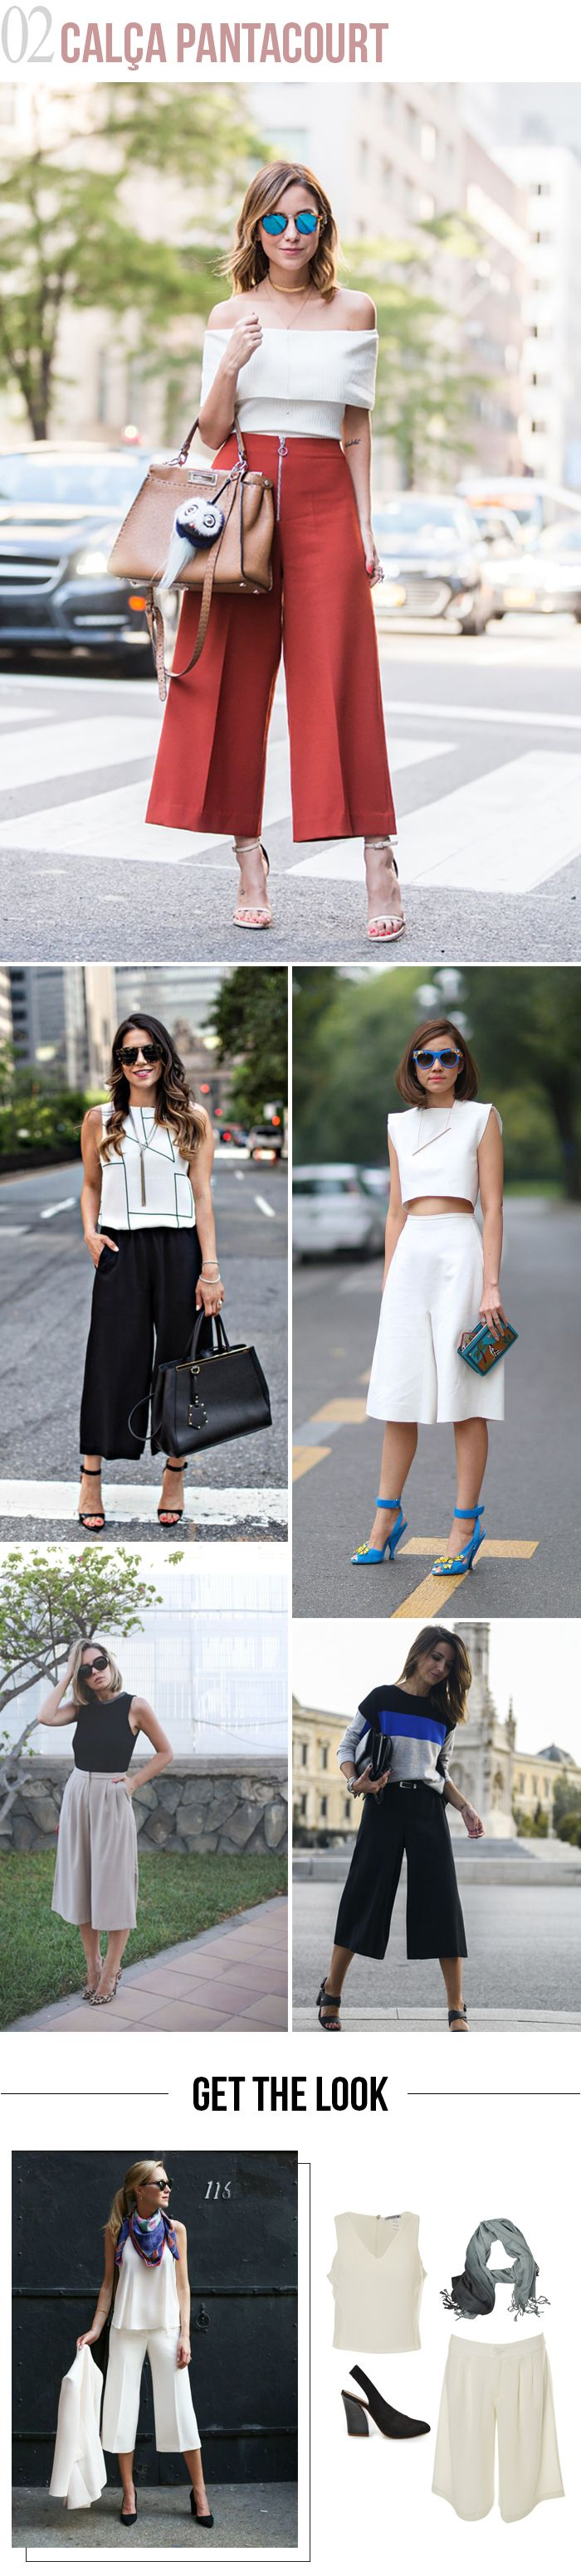 Look de trabalho: 4 jeitos de inovar! | Calça Pantacourt. #moda #look #outfit #ootd #trabalho #office #work #escritório #dicas #estilo #styling #comousar #getthelook #blog #looknowlook